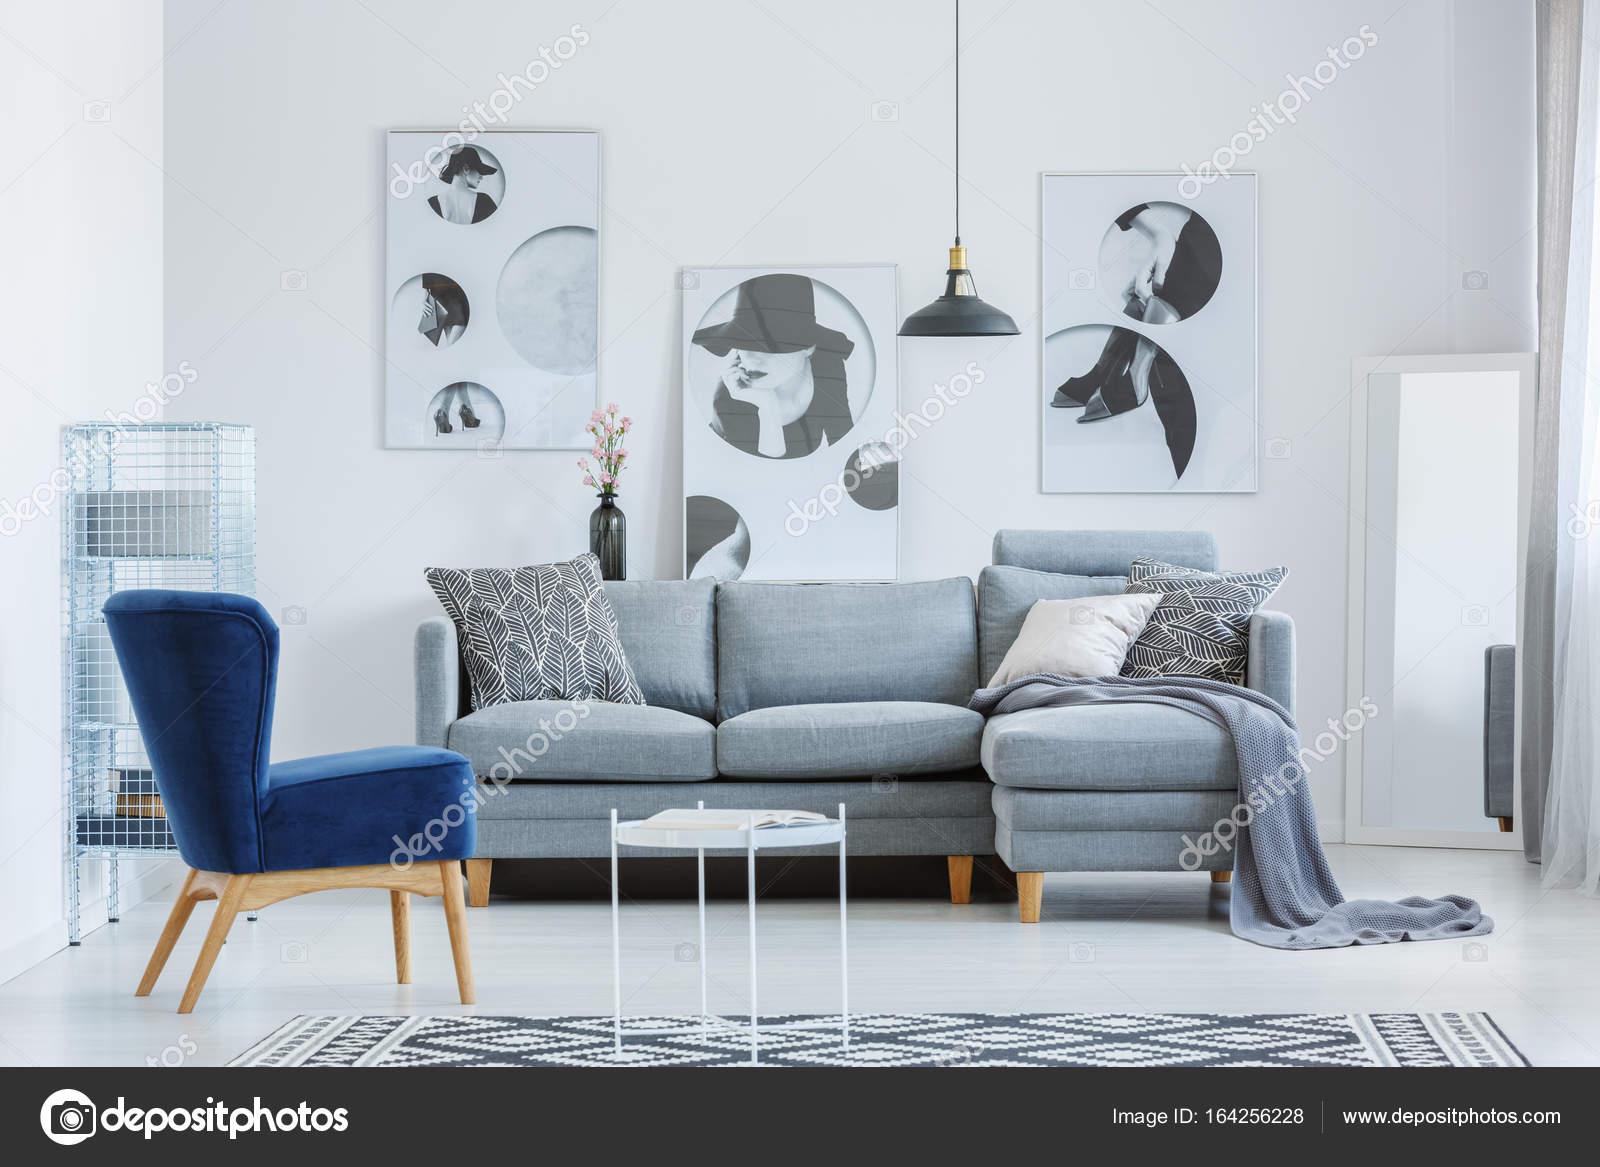 Sala De Estar Do Designer Com Cartazes Fotografias De Stock  -> Sala Com Sofa Cinza E Poltronas